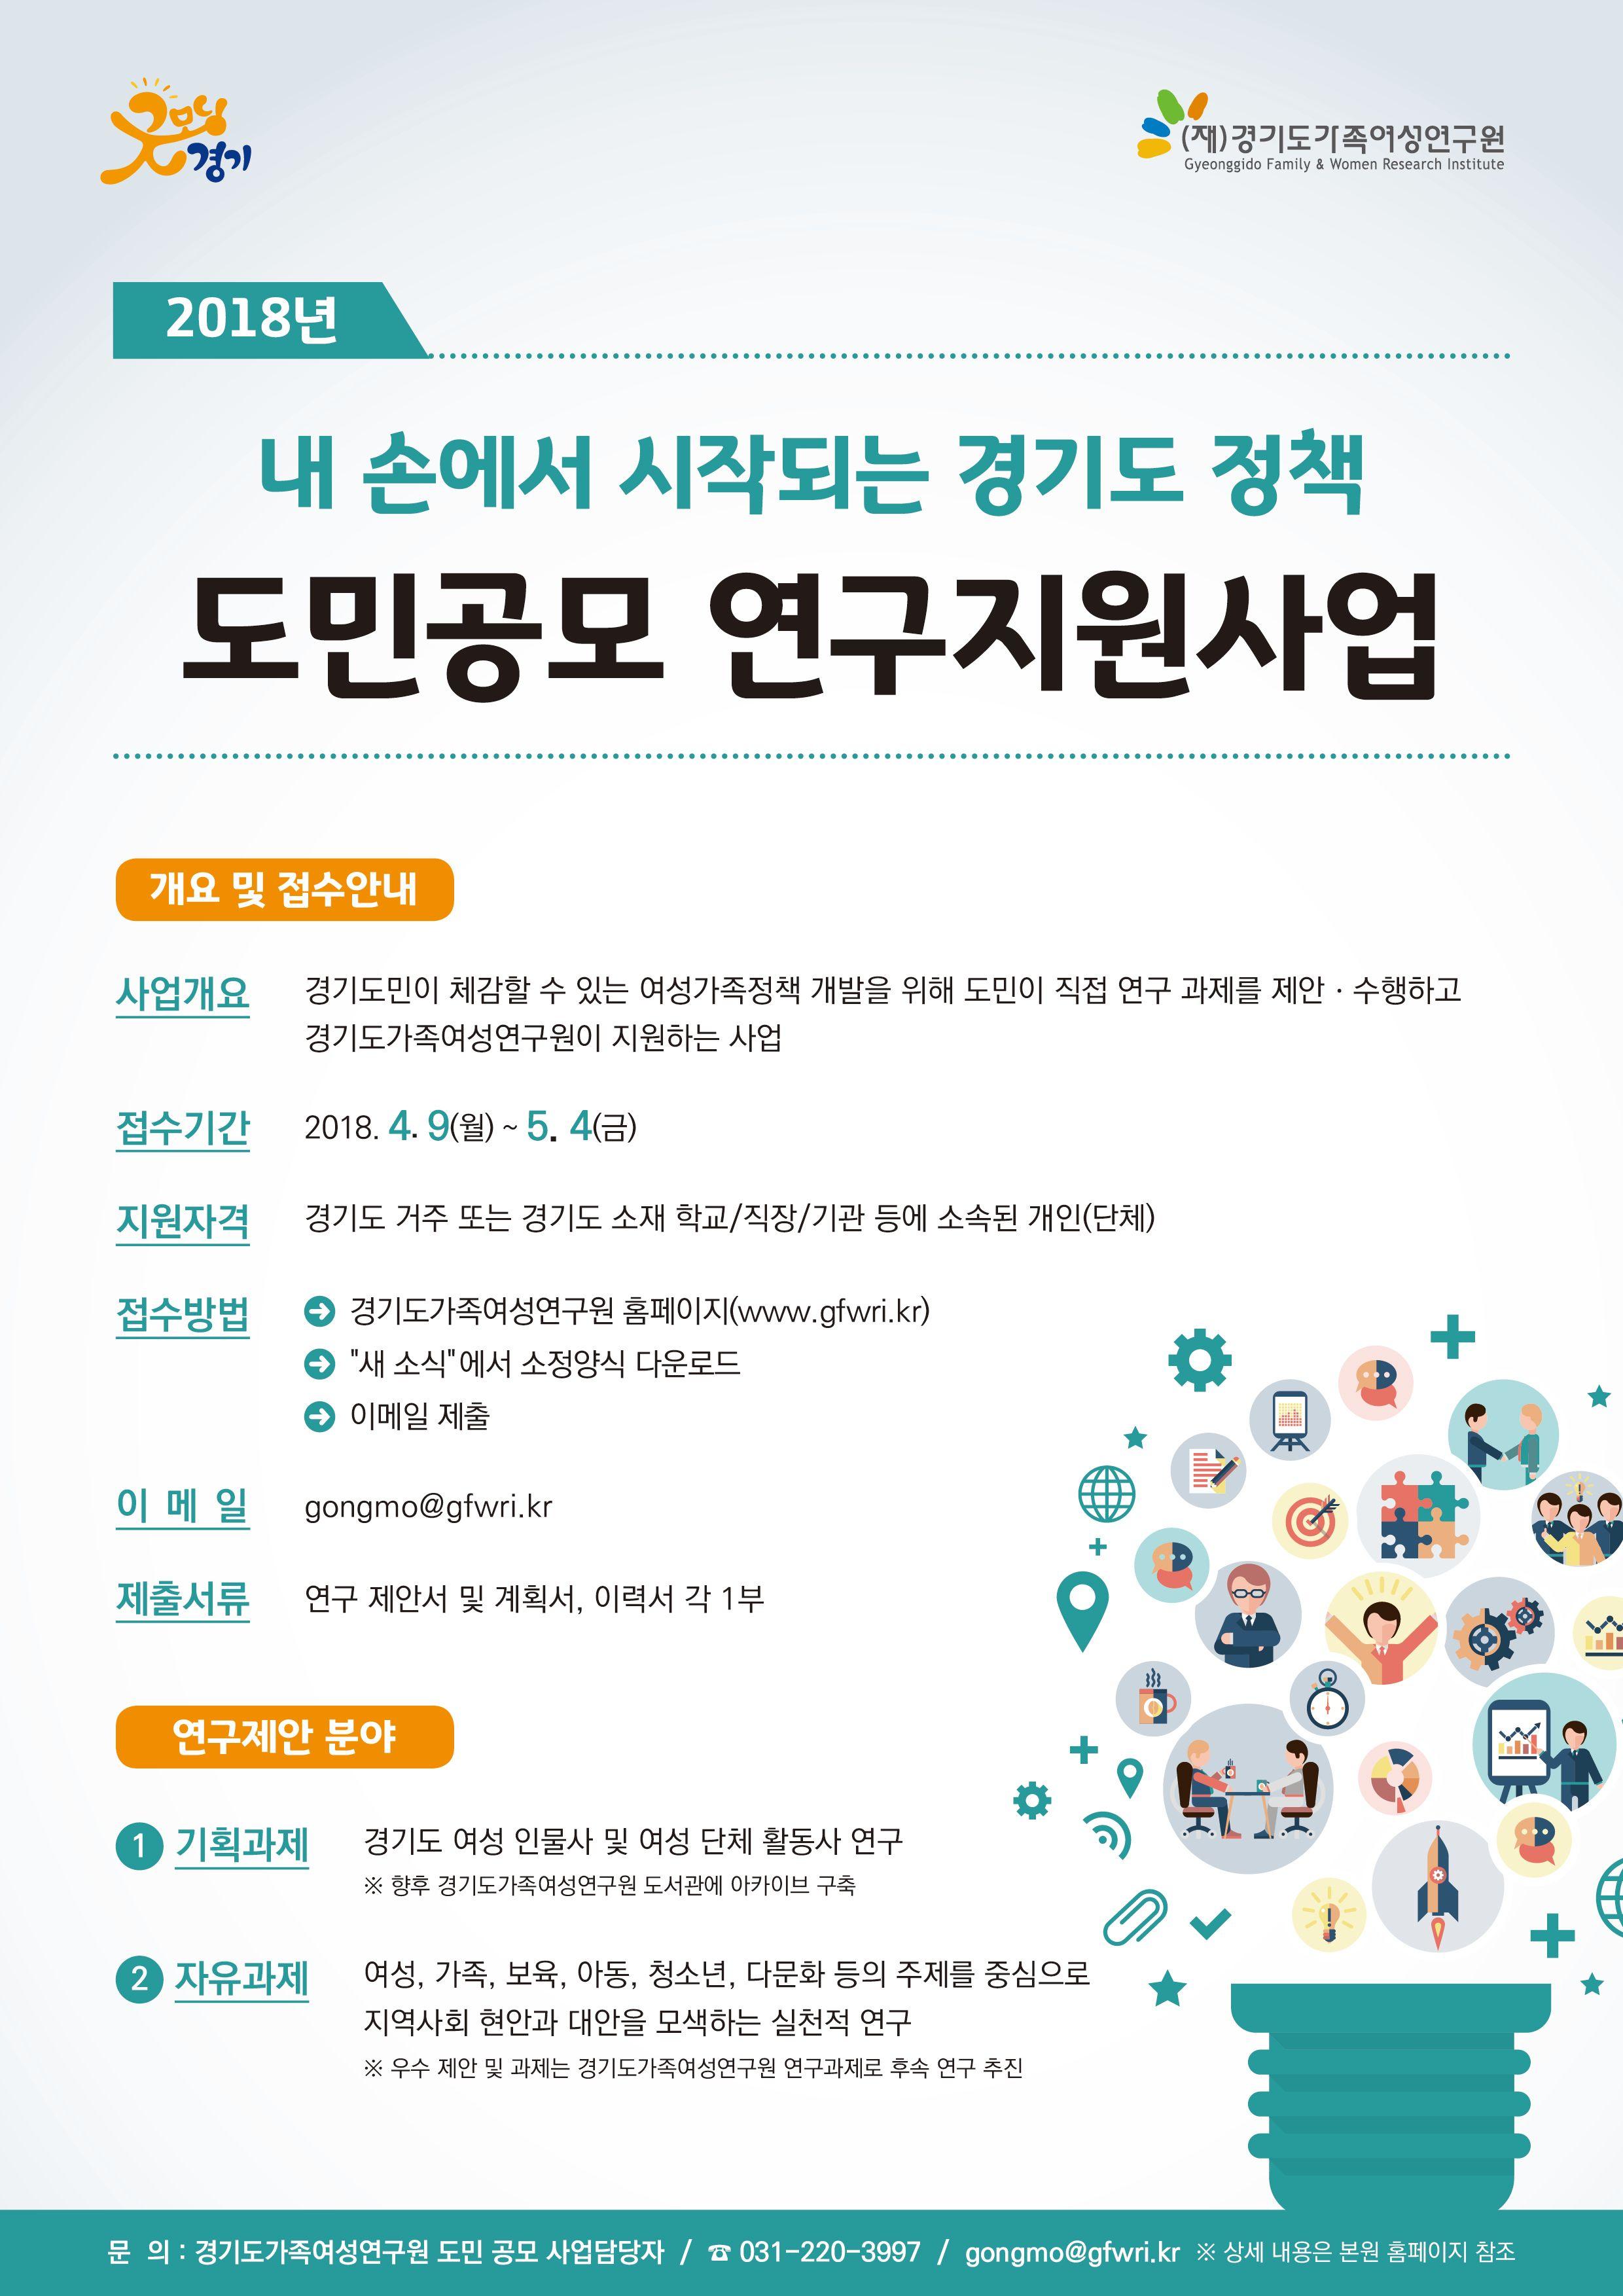 [(재)경기도가족여성연구원] '내 손에서 시작되는 경기도 정책' 2018년 도민공모 연구지원사업